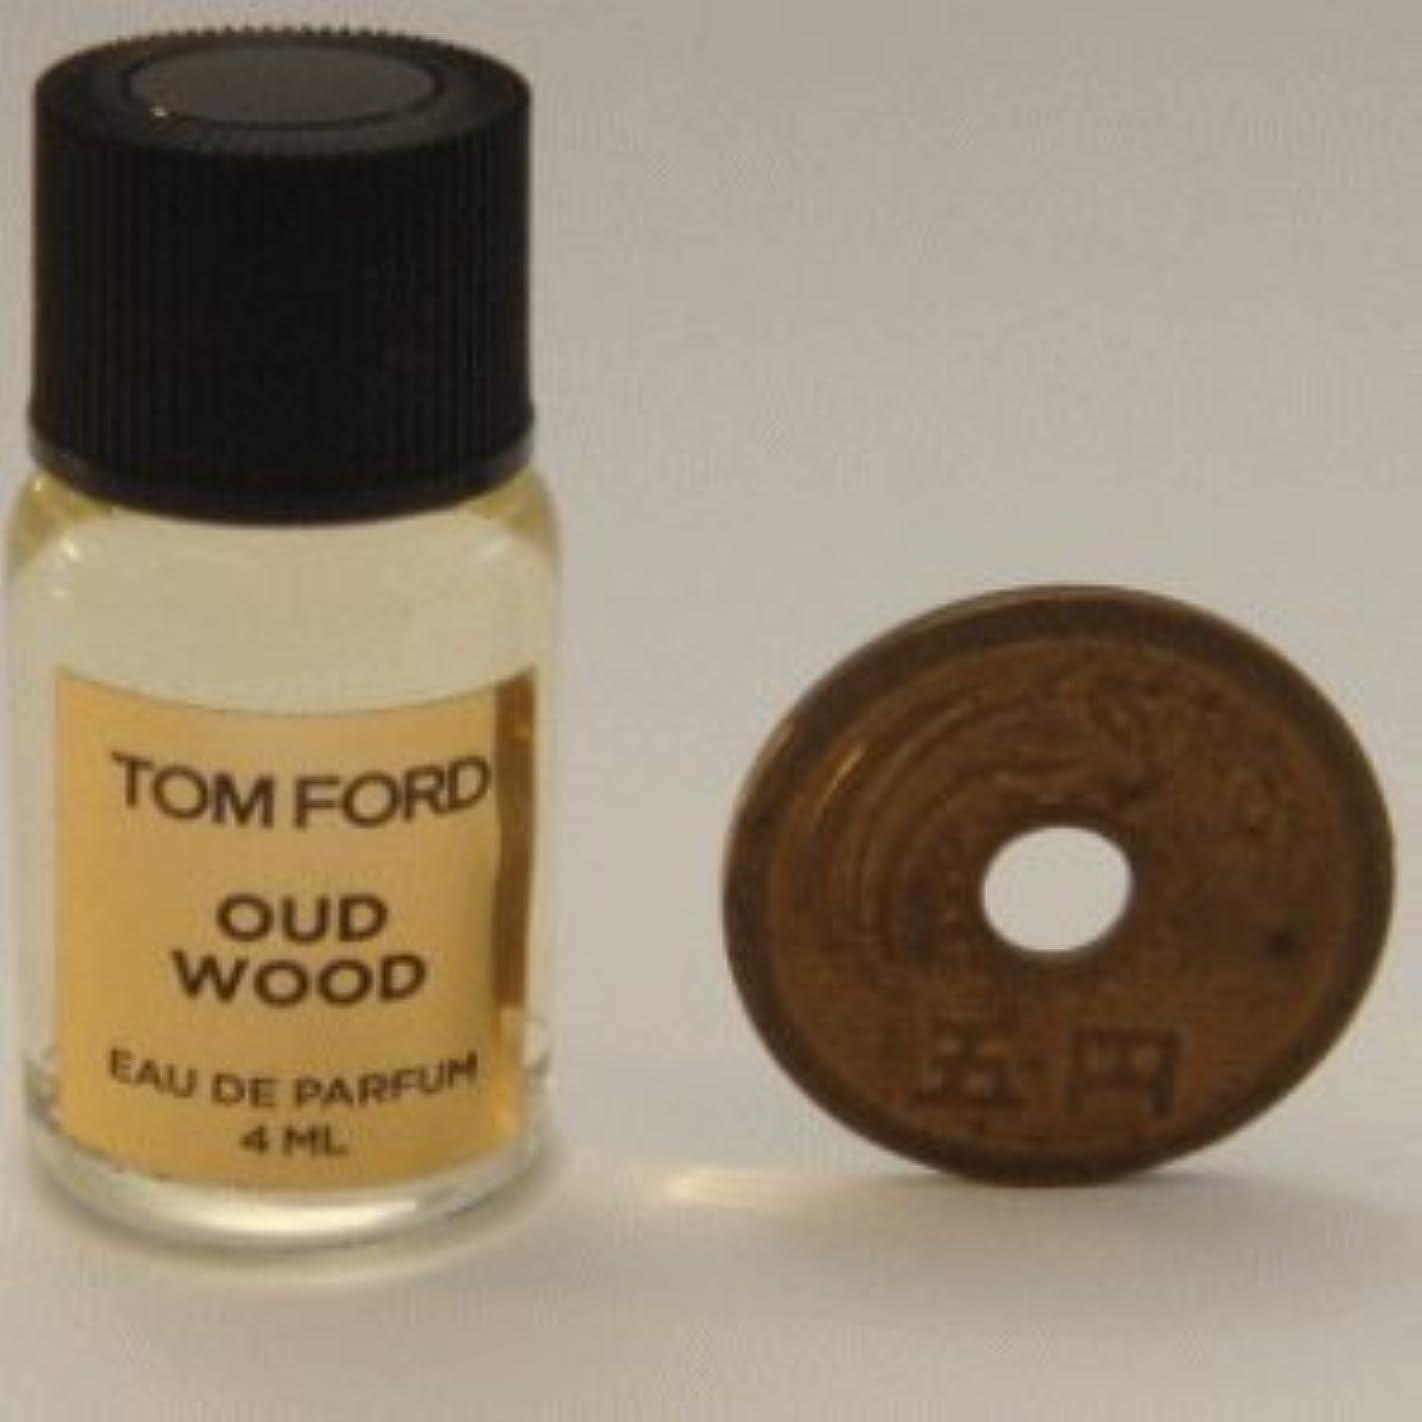 コンテスト干ばつ見捨てるTom Ford Private Blend 'Oud Wood' (トムフォード プライベートブレンド ウードウッド) 4ml EDP ミニボトル (手詰めサンプル)